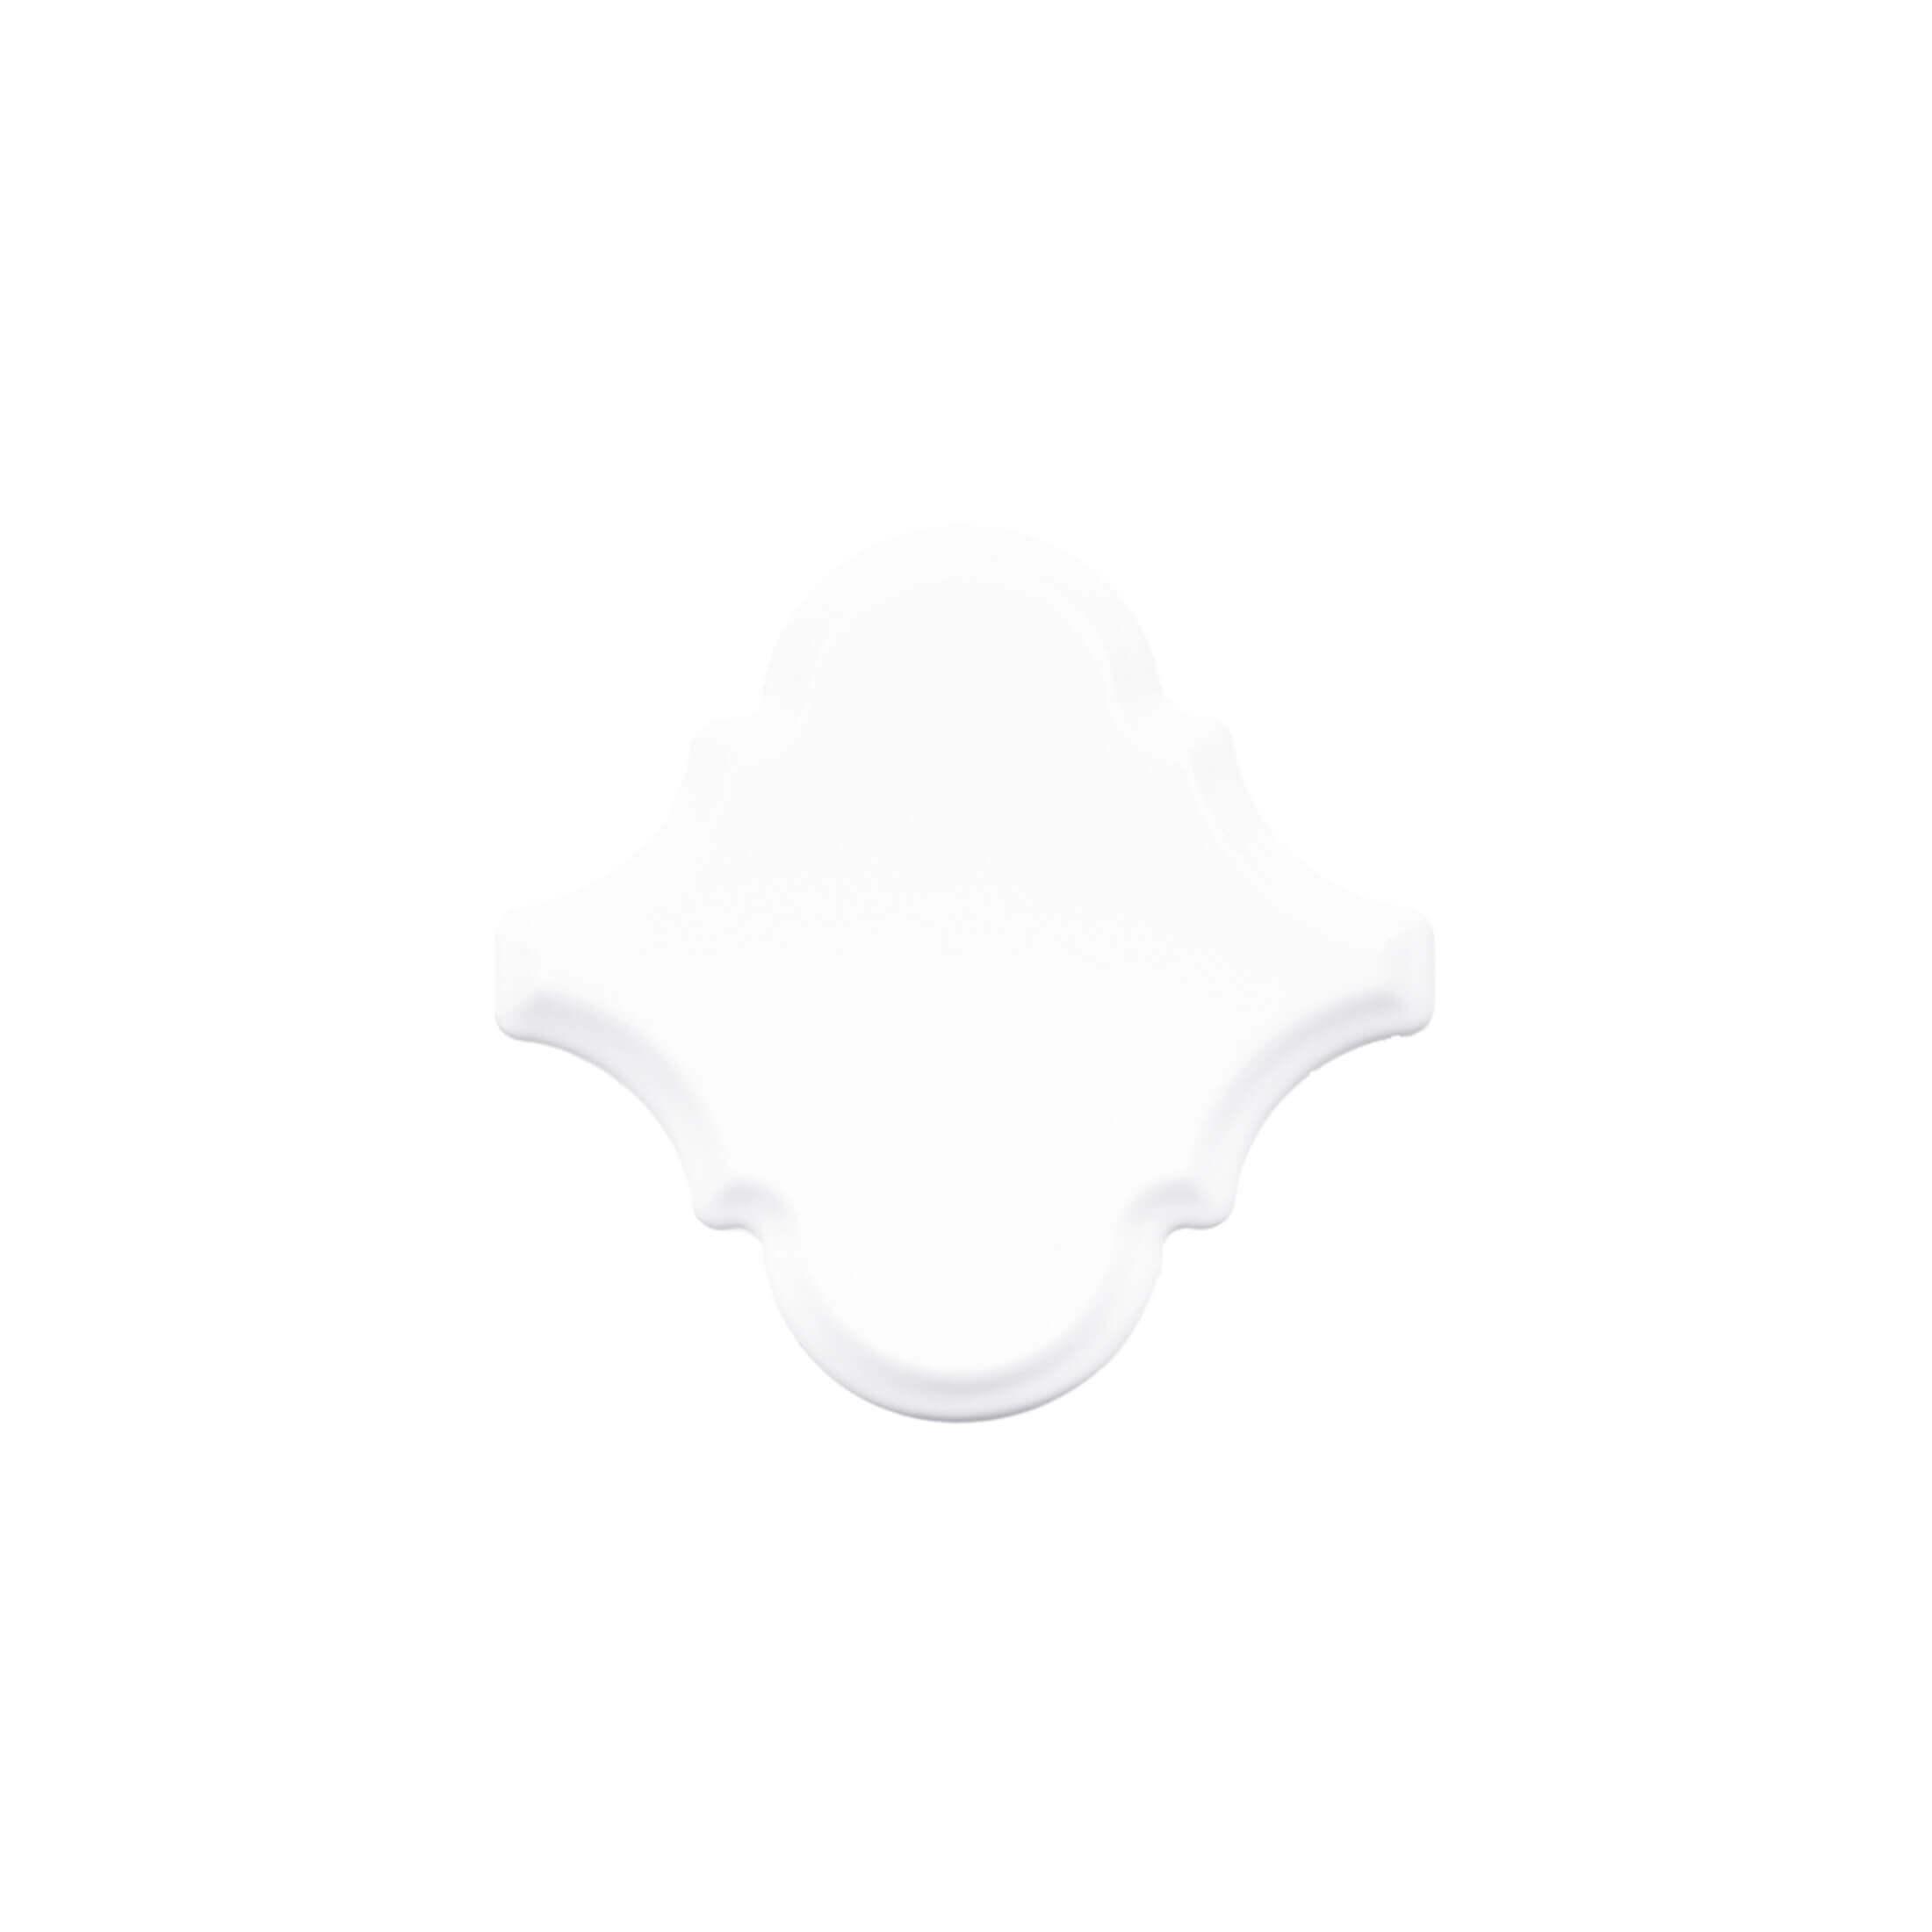 ADST8001 - ARABESCO SNOW CAP - 15 cm X 15 cm